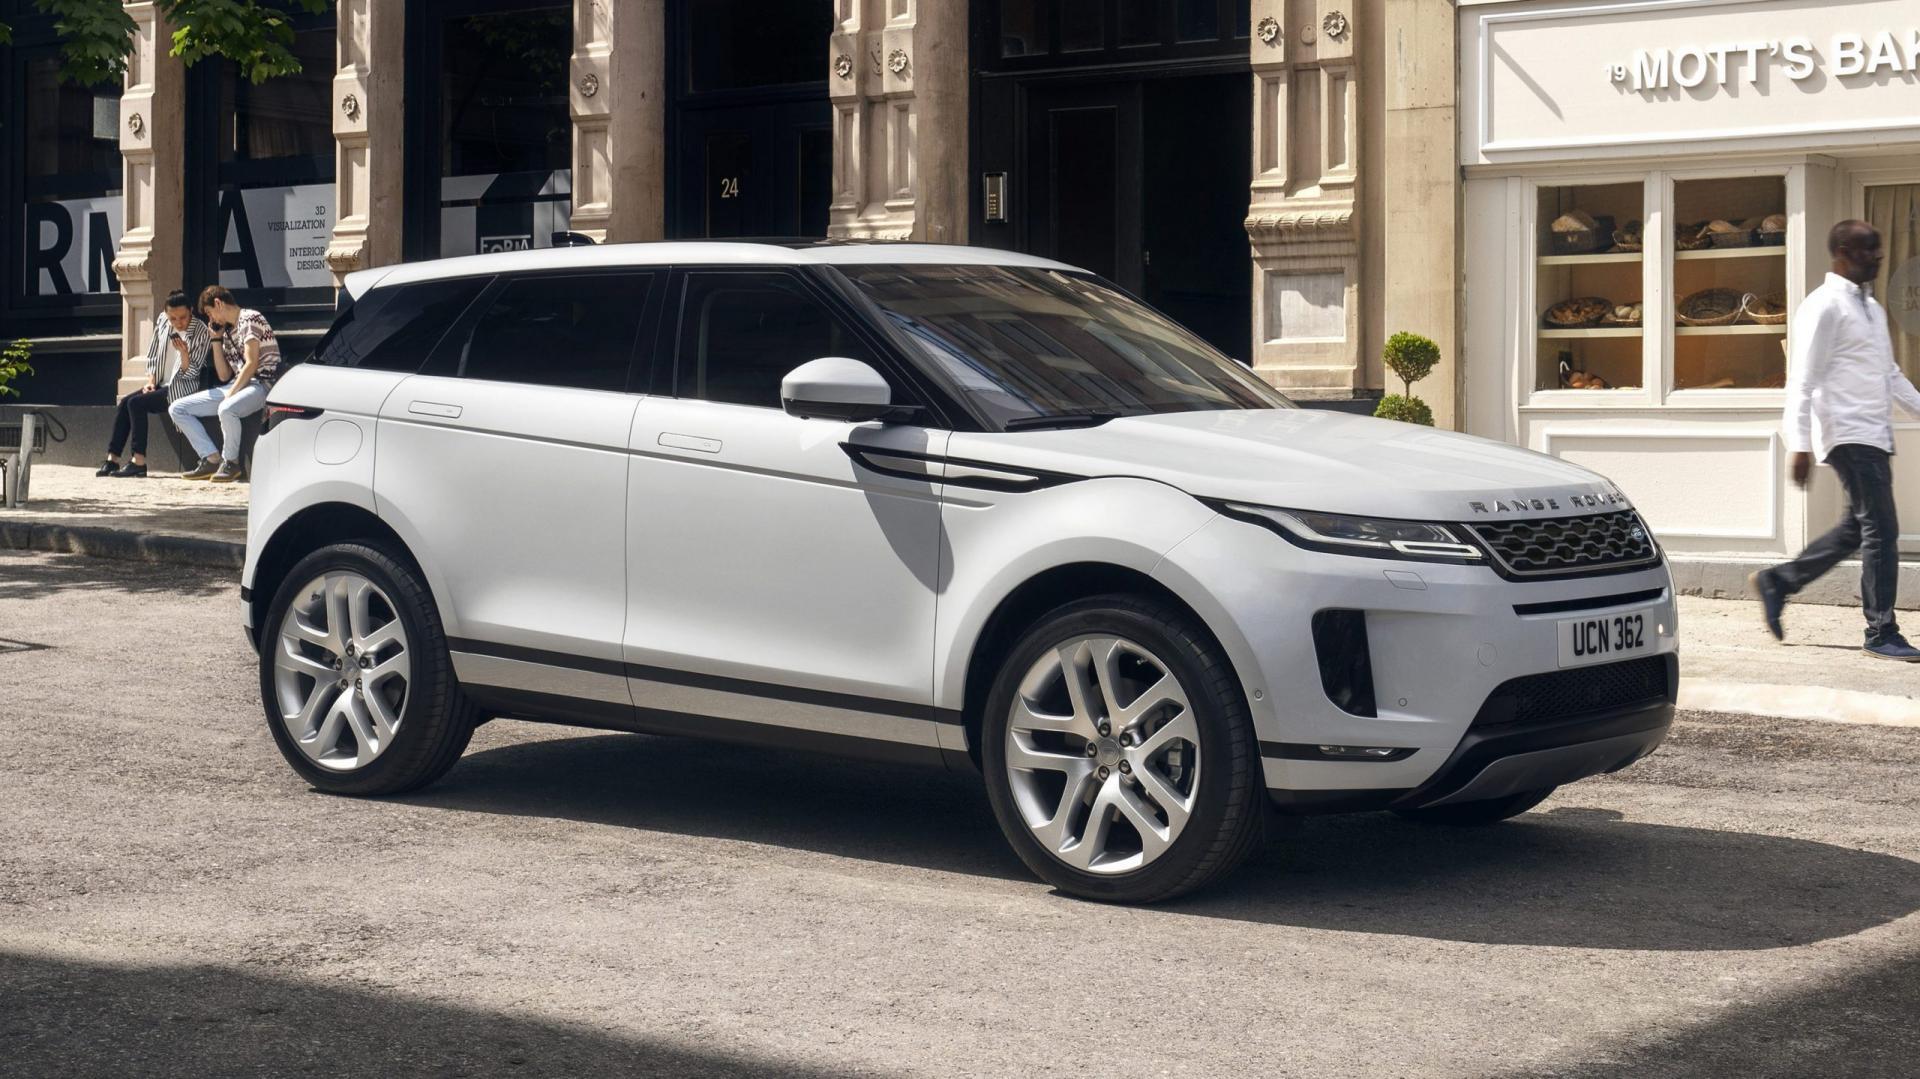 Range Rover Evoque prijs is bekend